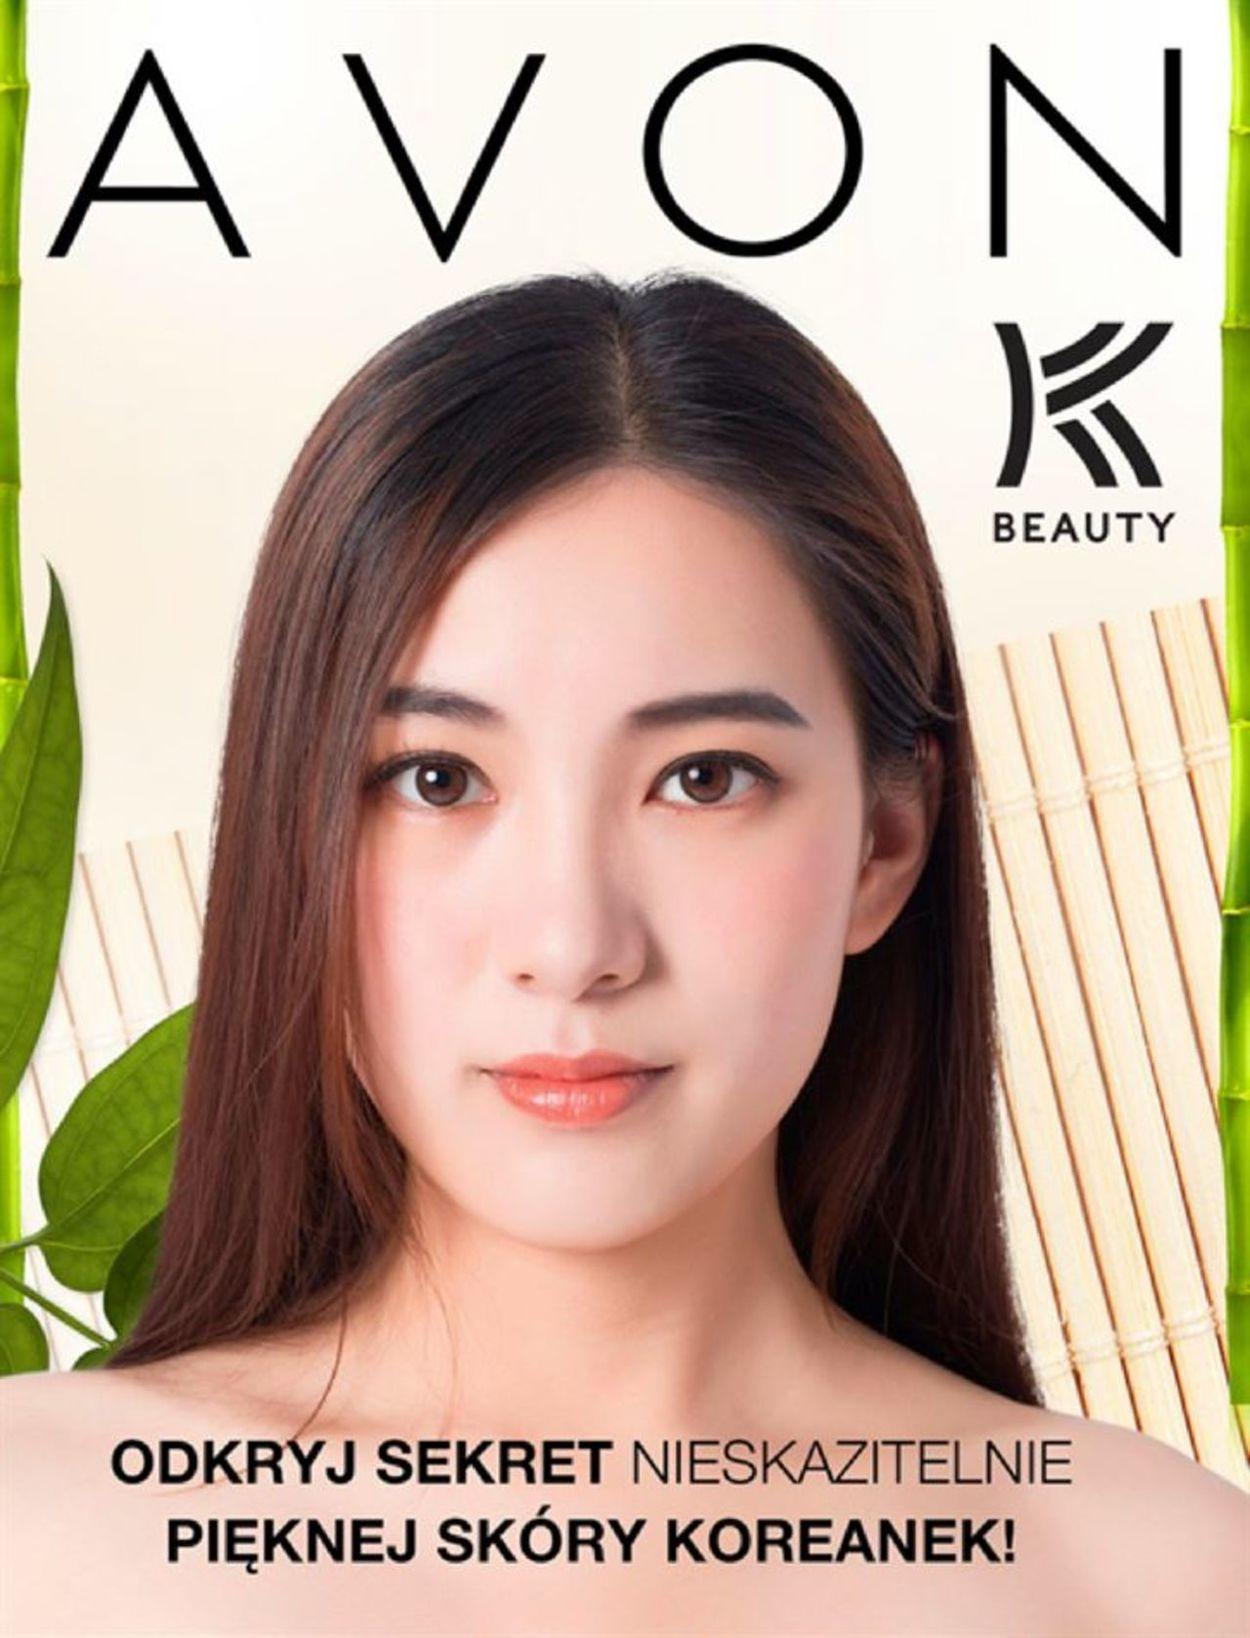 Gazetka promocyjna Avon - 01.07-31.07.2019